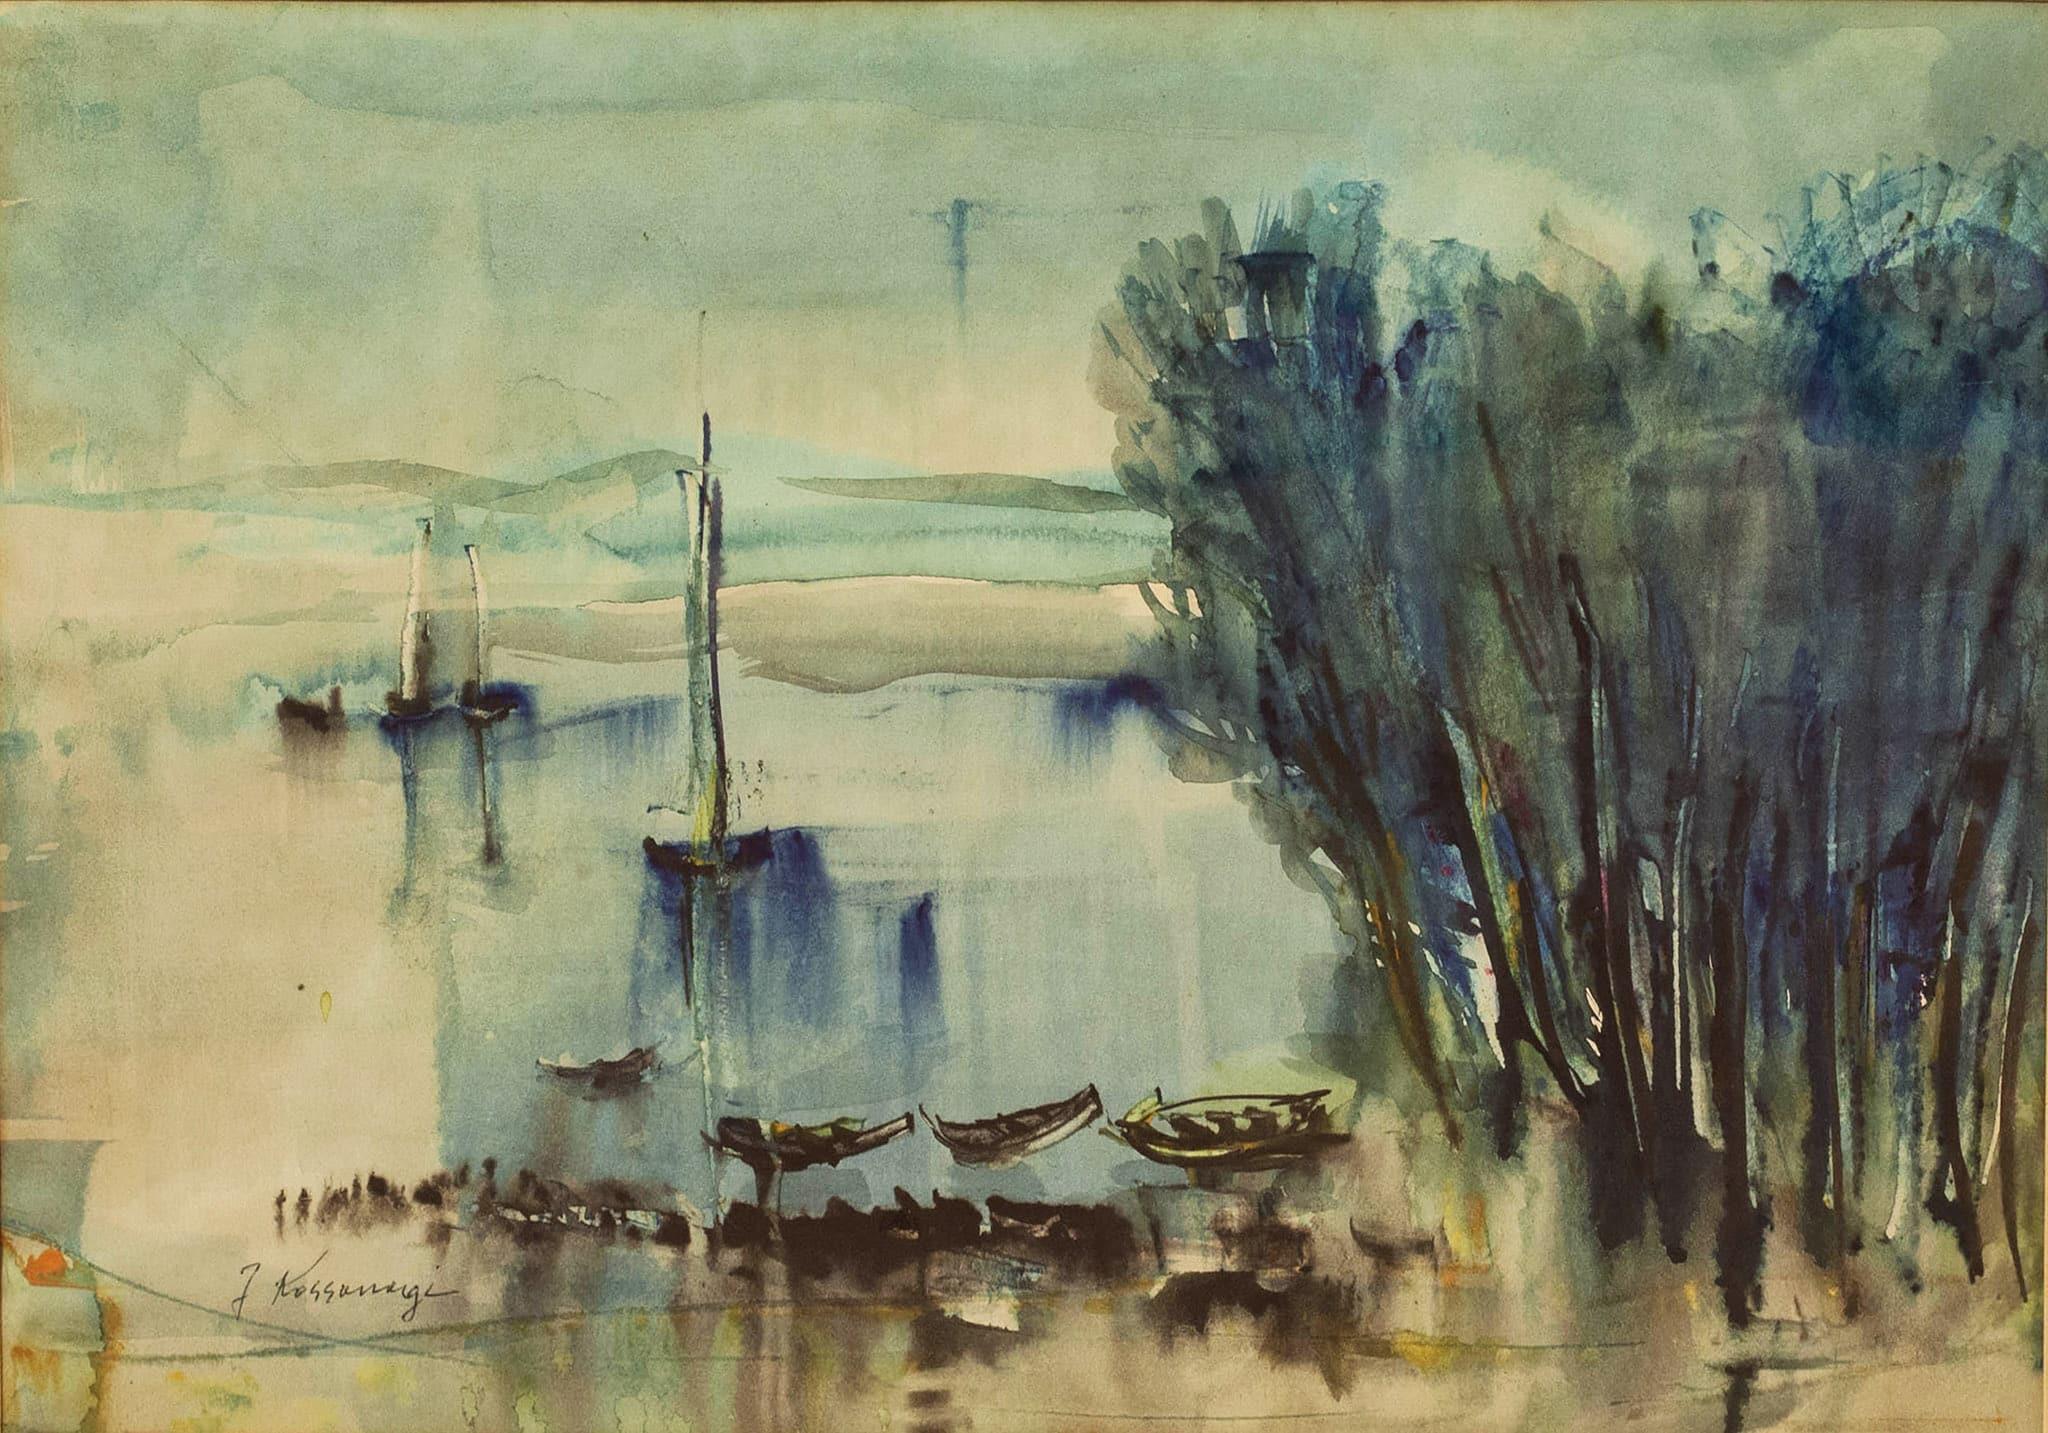 """יוסף קוסונוגי, """"סירות"""", אקוורל על נייר, 48x32 ס""""מ"""